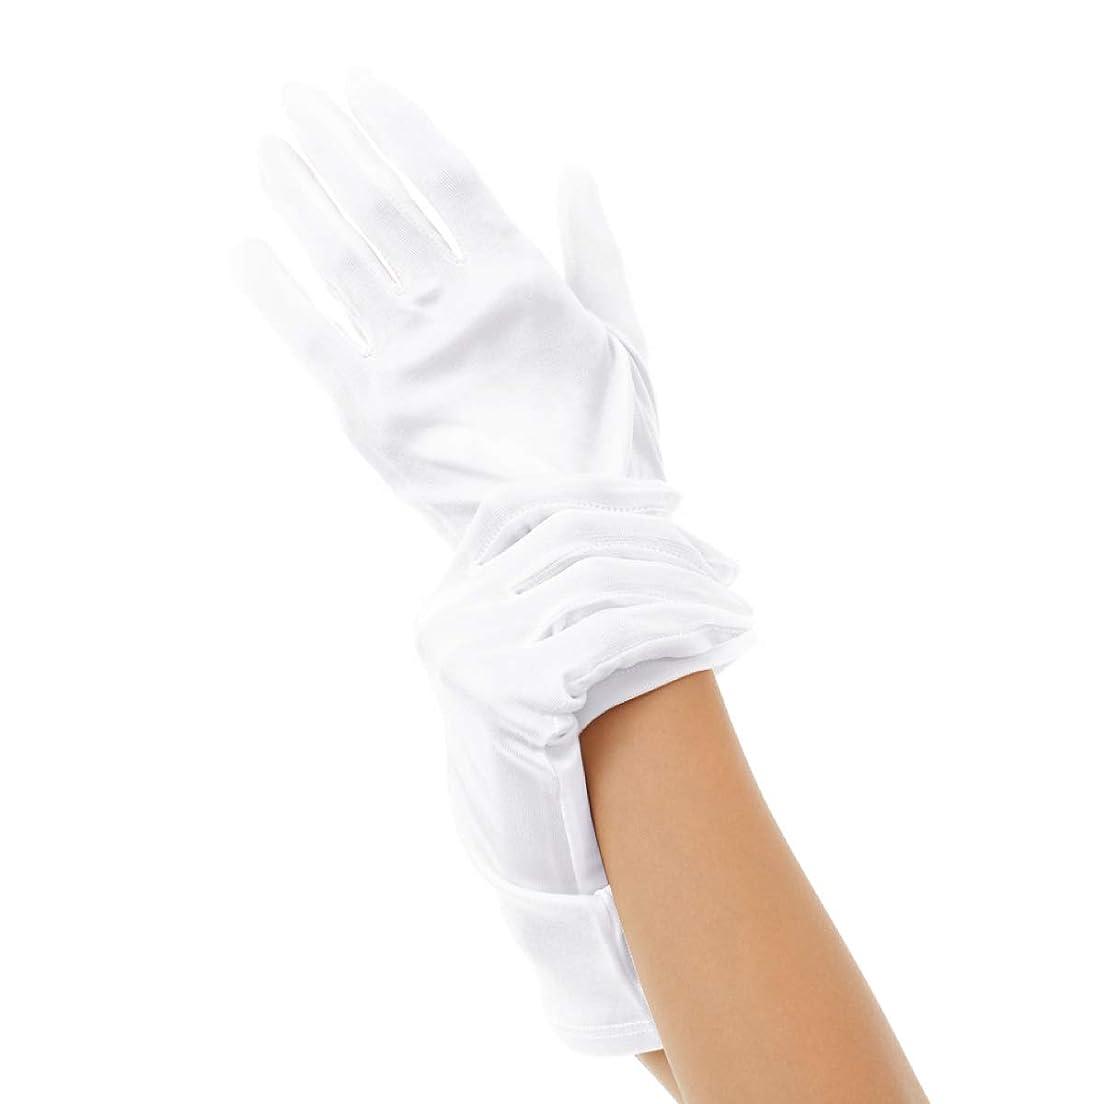 高さ離婚完璧なSilk 100% ハンドケア シルク 手袋 手首ゆるゆる おやすみ スキンケア グローブ 薄手のスムース素材 外出時の UV対策 や インナーグローブ にも最適 うるおい 保湿 ひび あかぎれ 保護 (L, ホワイト)